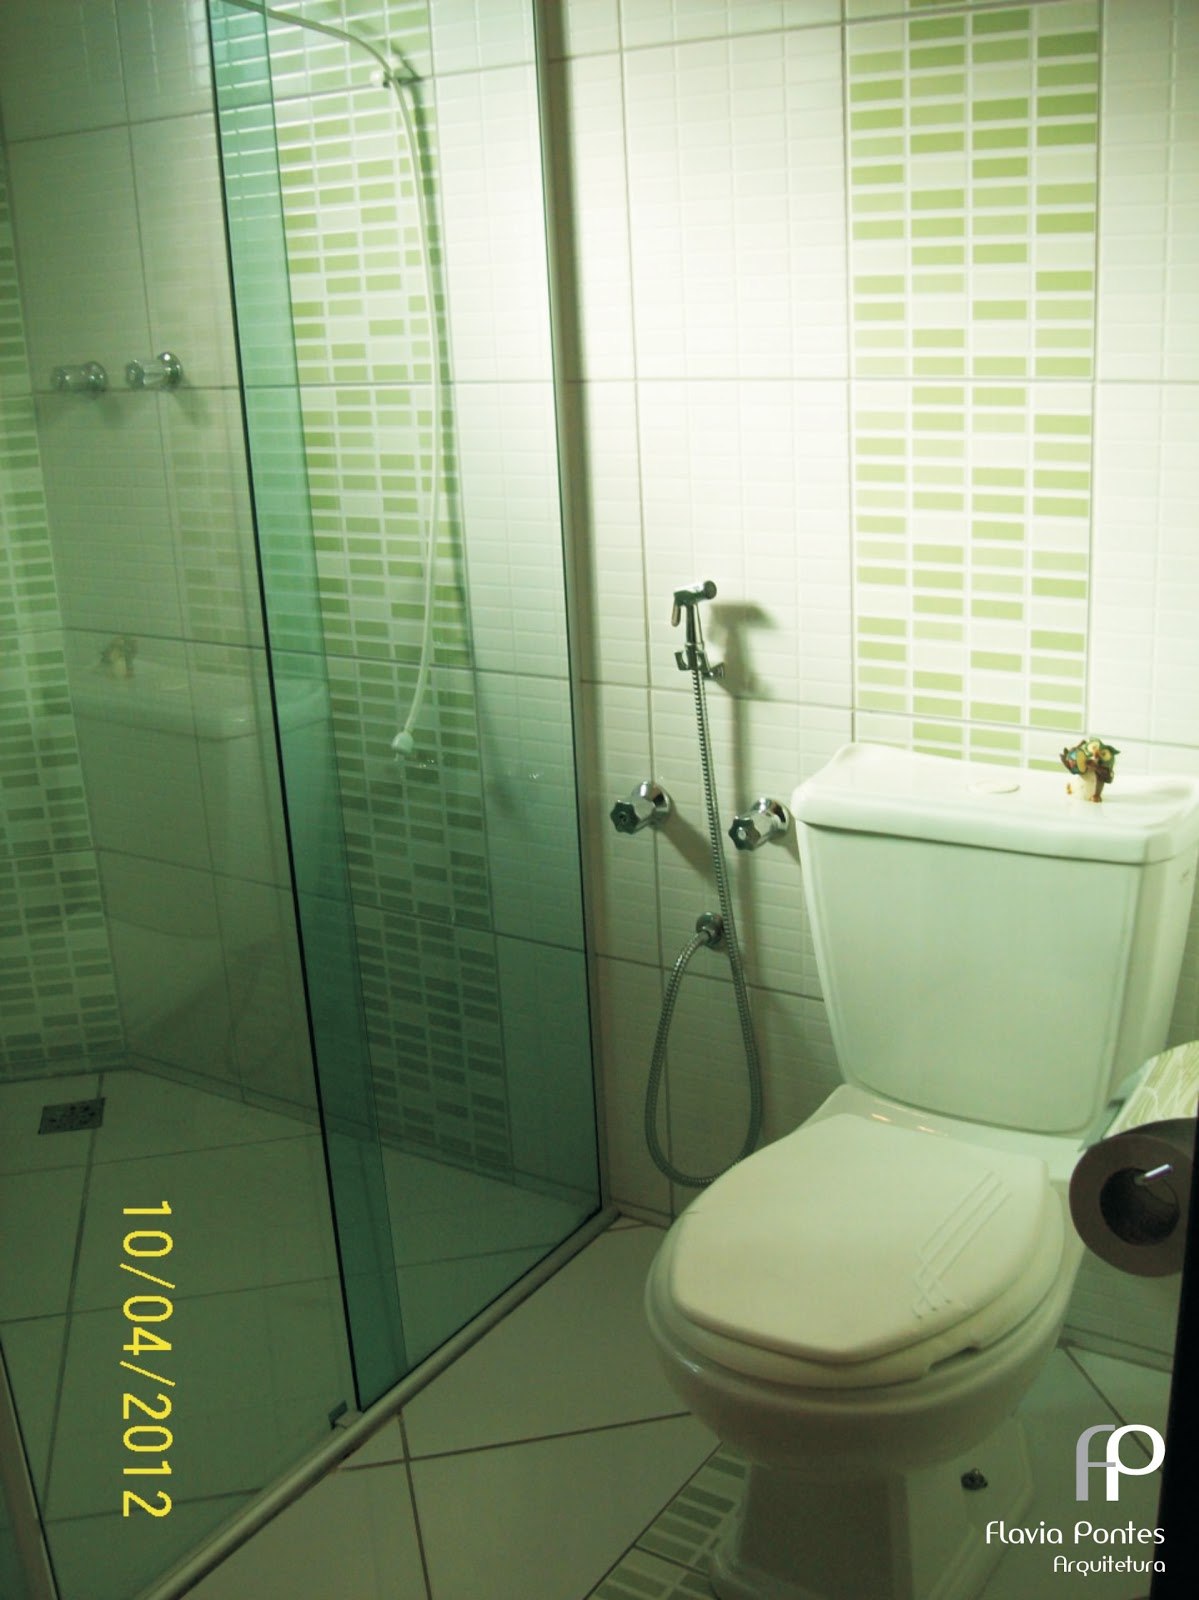 Flavia Pontes Arquitetura Abril 2012 -> Armario Banheiro Verde